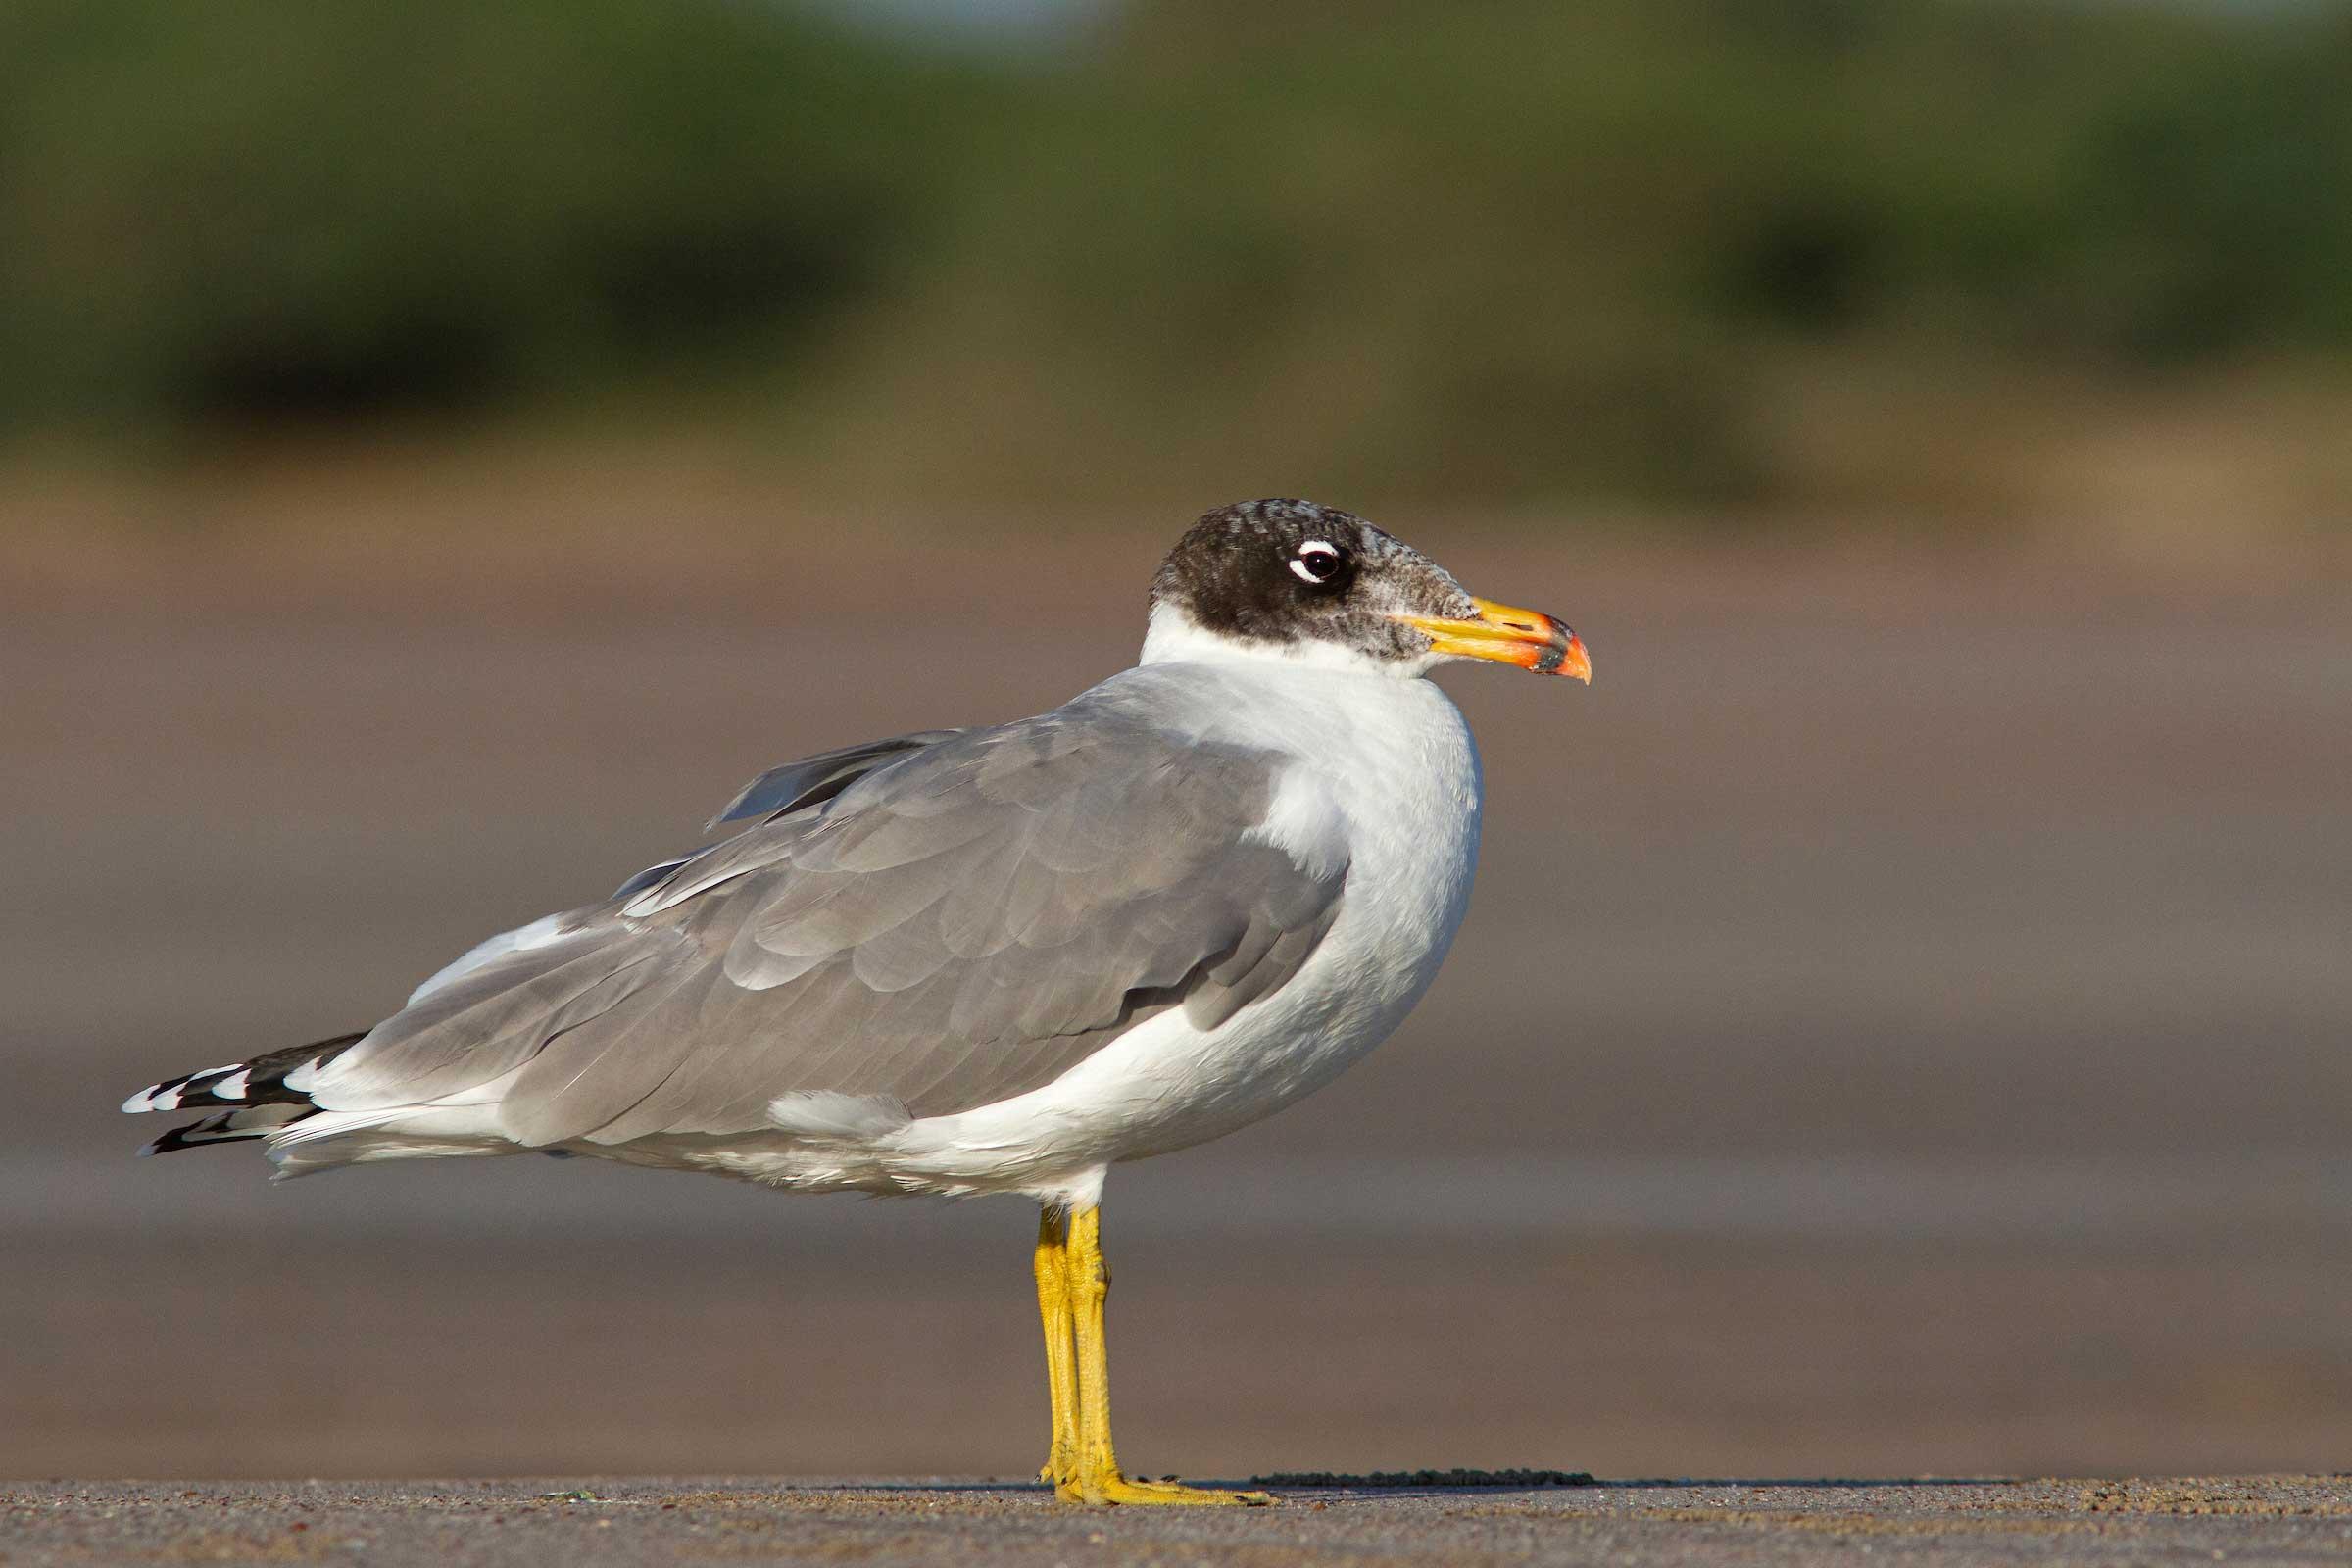 gulf-of-kutch-modwa-pallas-gull-solo-standing